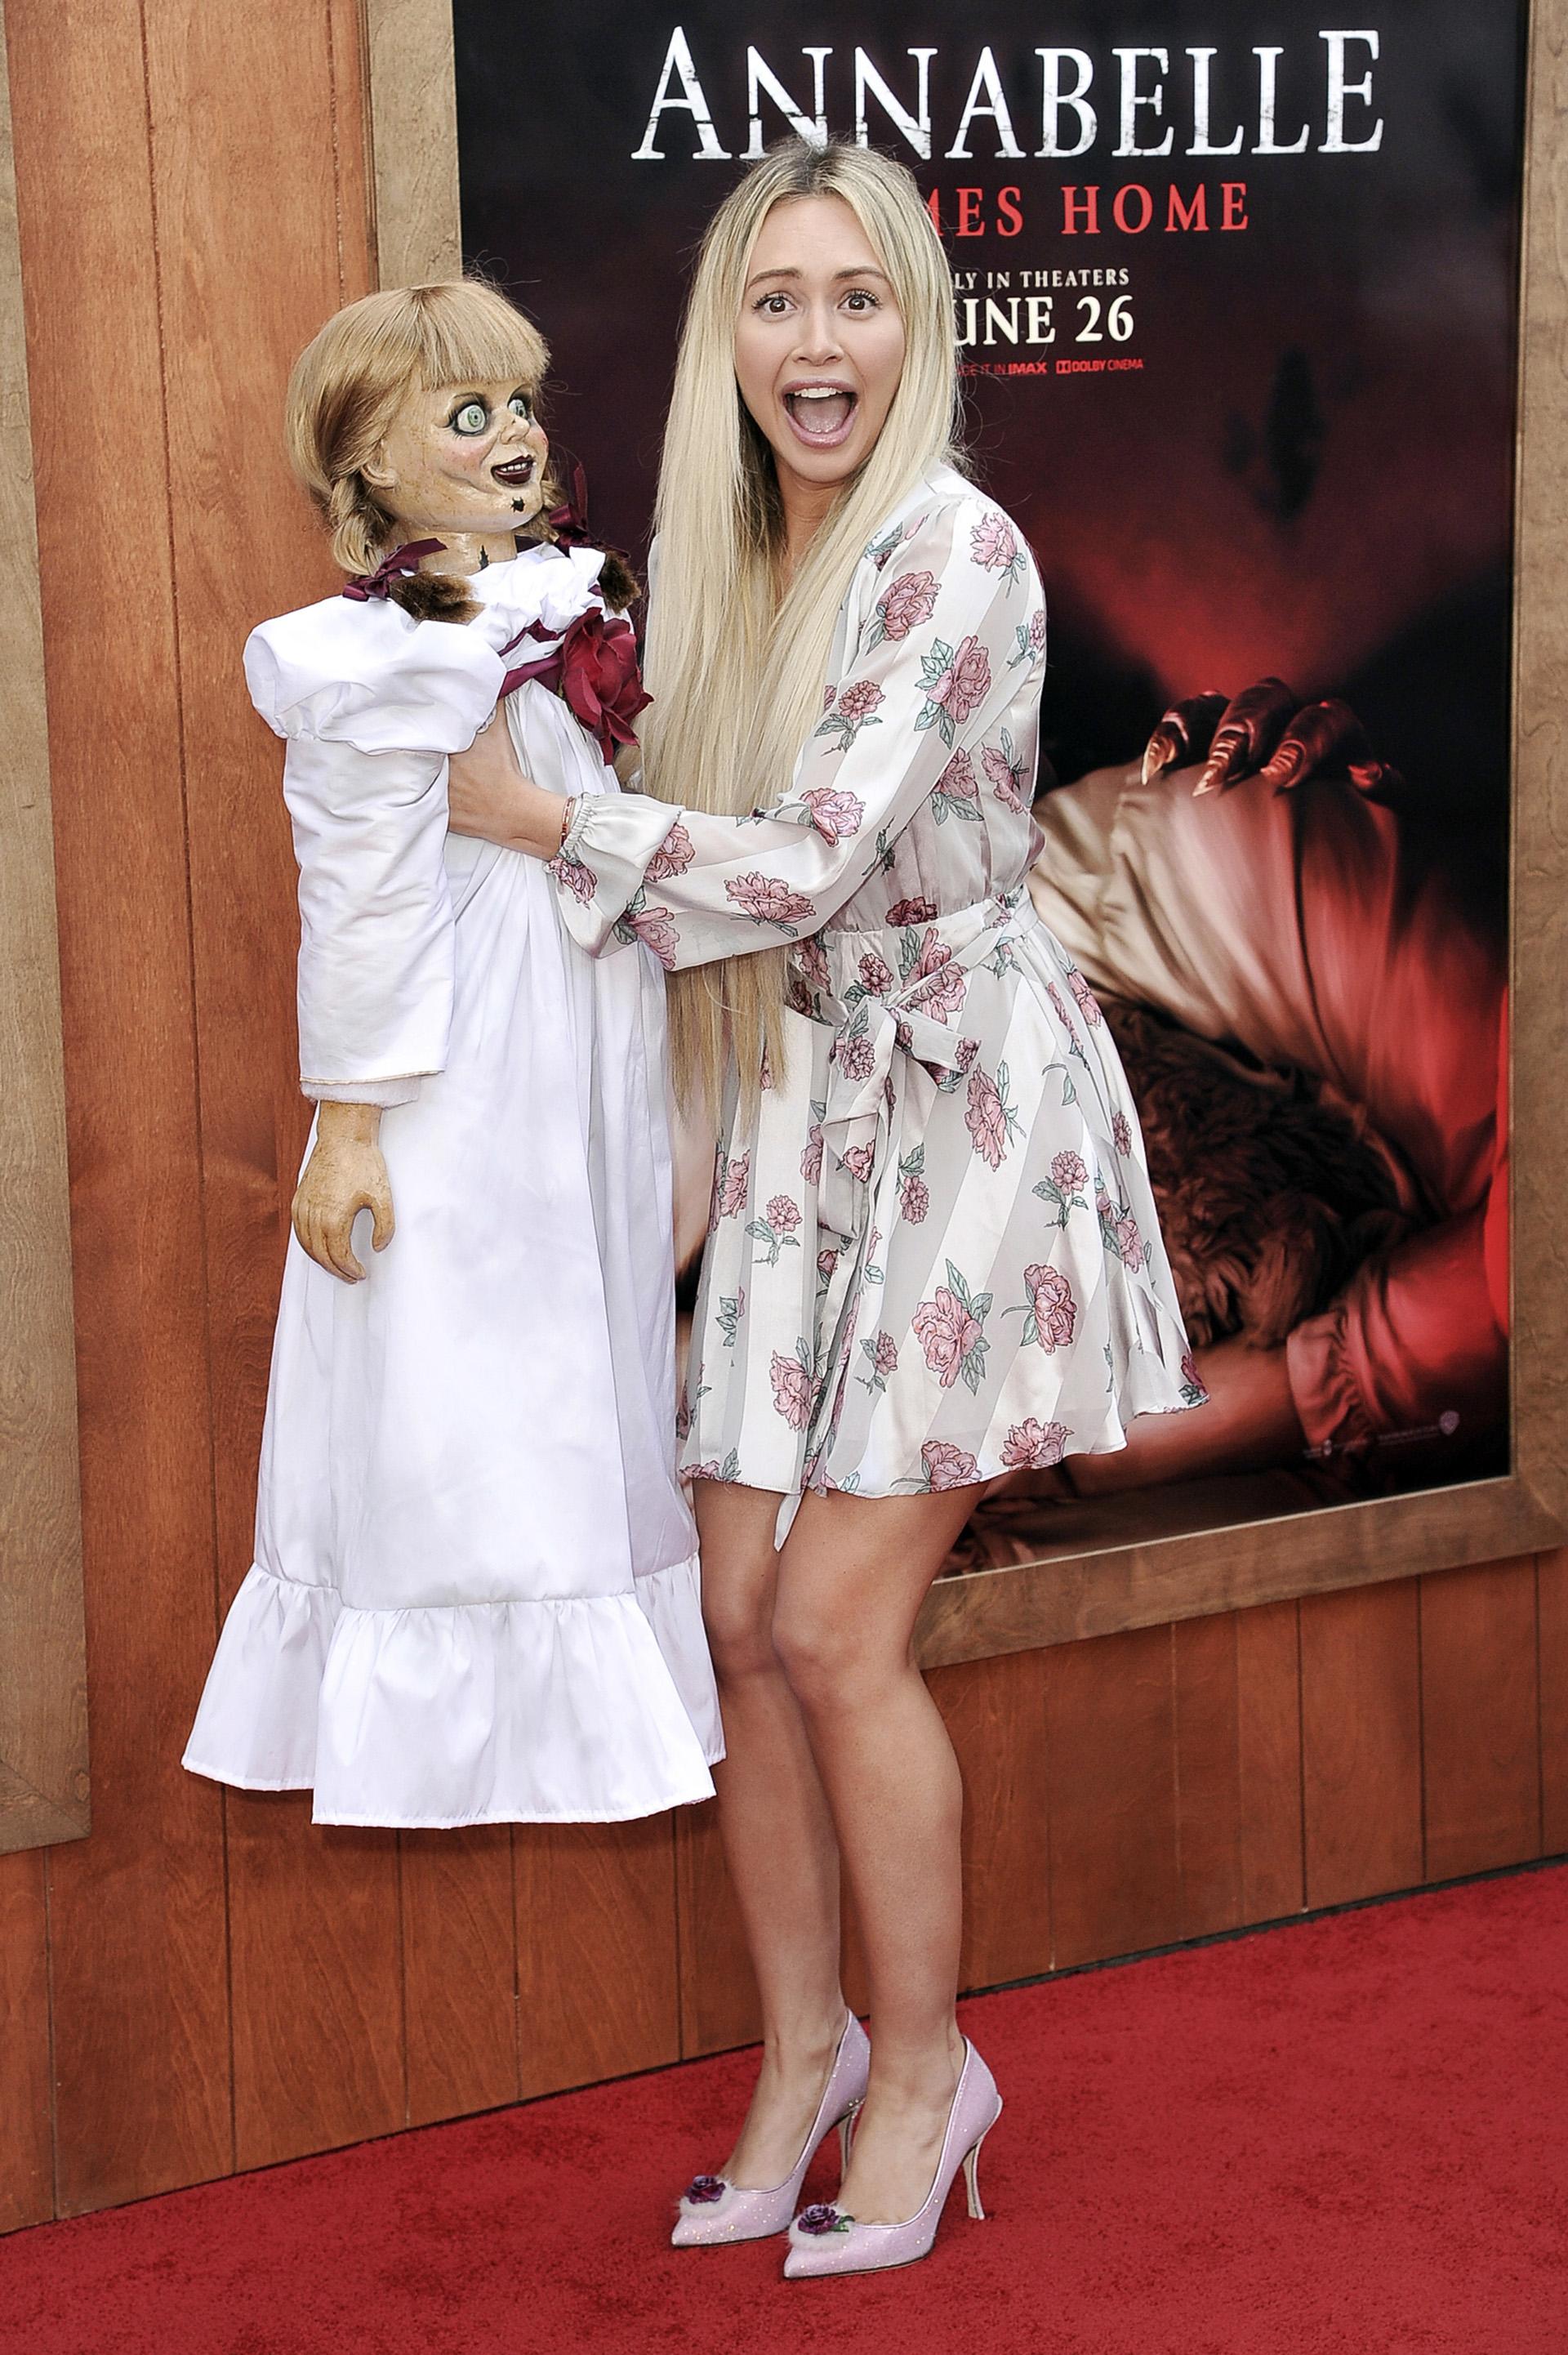 Corinne Olympios junto a la temible Annabelle. Los demonólogos Ed y Lorraine Warren se llevan a la muñeca poseída a su casa y la guardan bajo llave. Pero una noche, Annabelle despierta y se pone como objetivo matar a la hija pequeña y a las amigas de los Warren